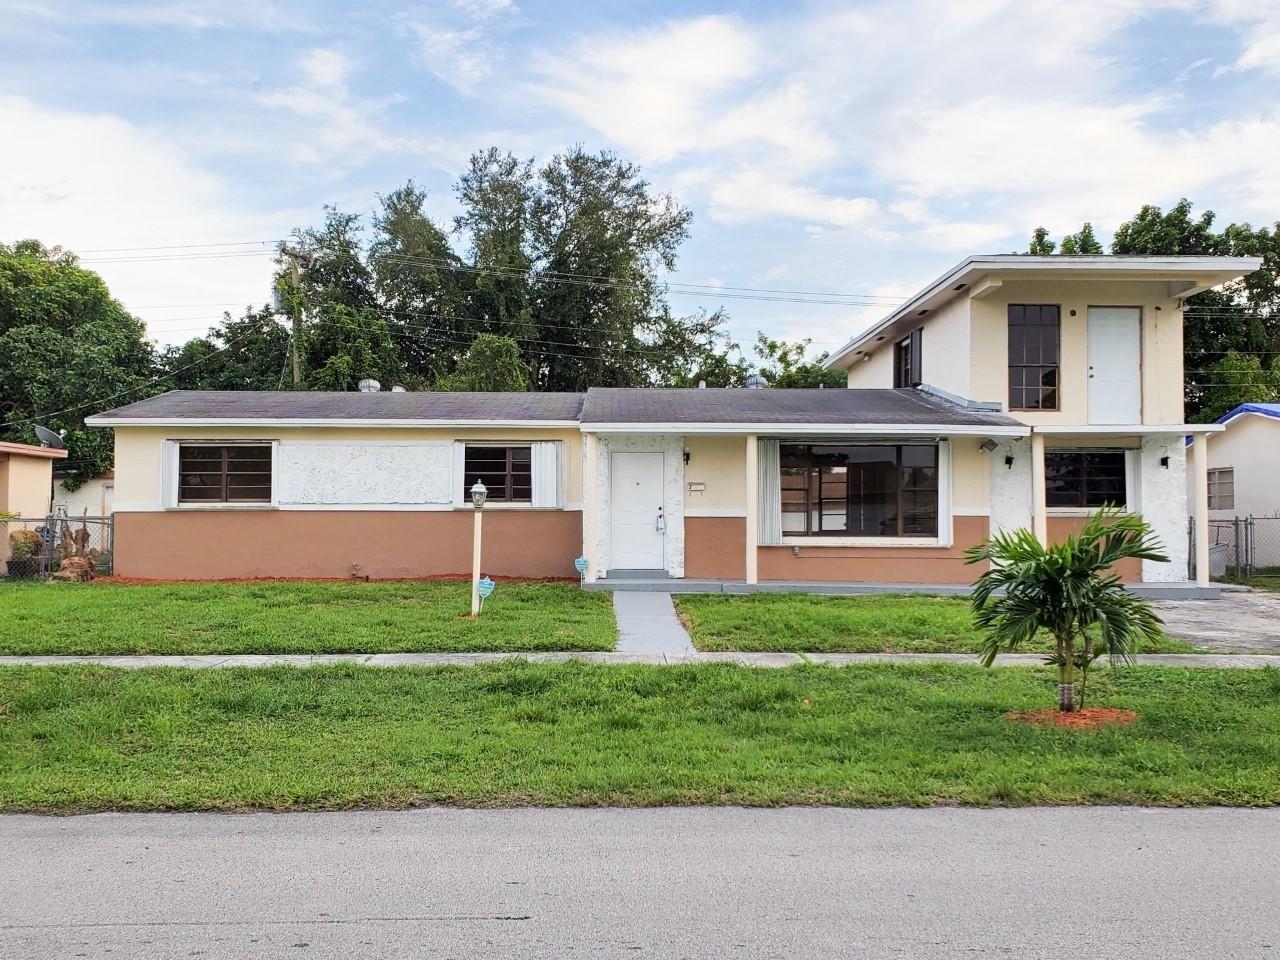 1730 NW 191st Street, Miami Gardens, FL 33056 - #: RX-10631740